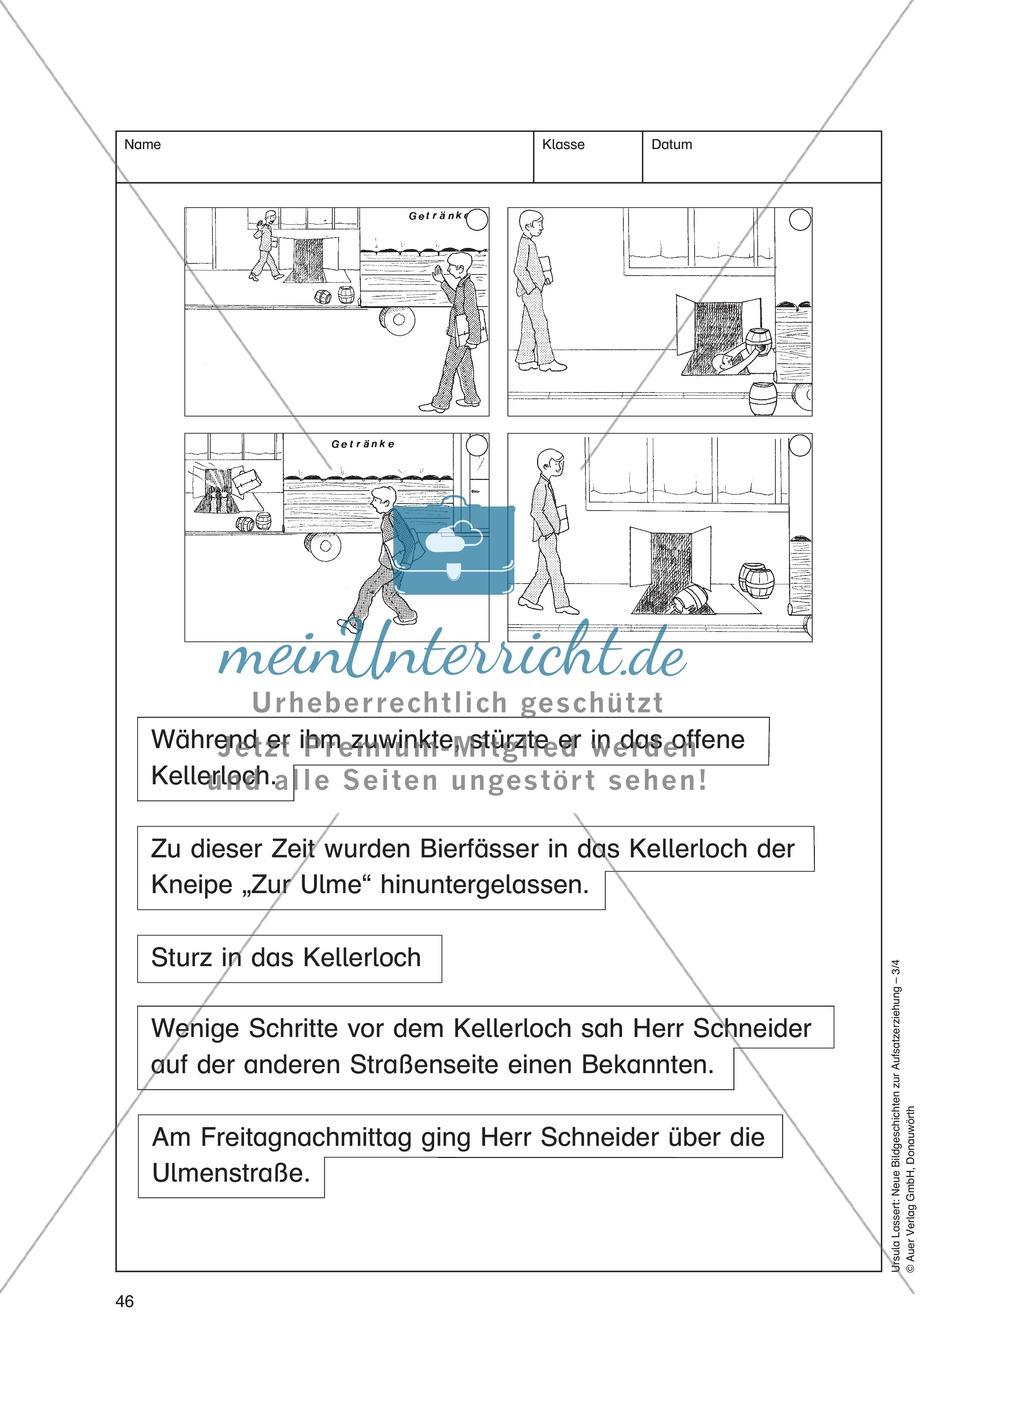 Bildergeschichten im DU - Sturz in das Kellerdach: Arbeitsblätter Preview 2